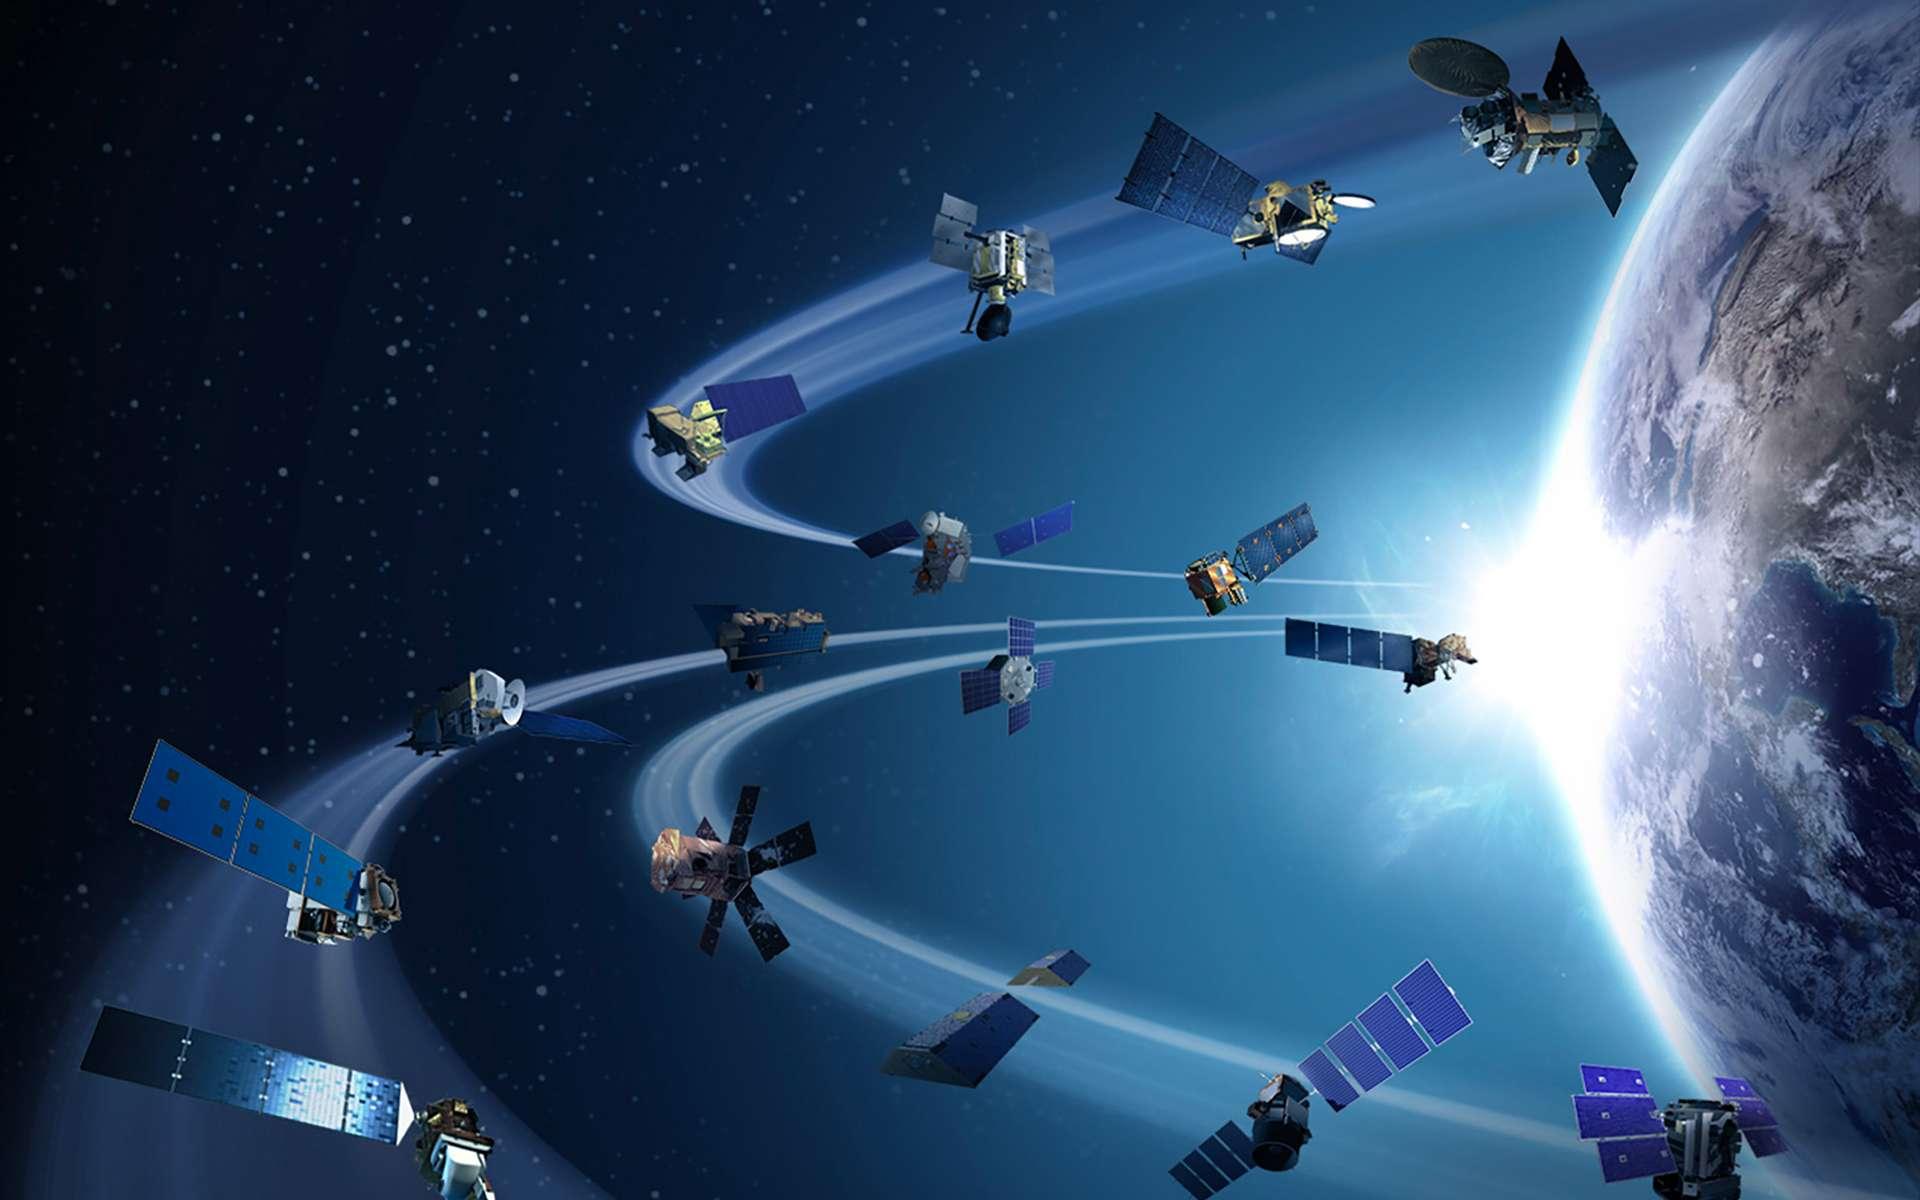 Des orbites de plus en plus occupées, voire encombrées, augmentent les risques de collision entre satellites des uns et des autres. © Nasa